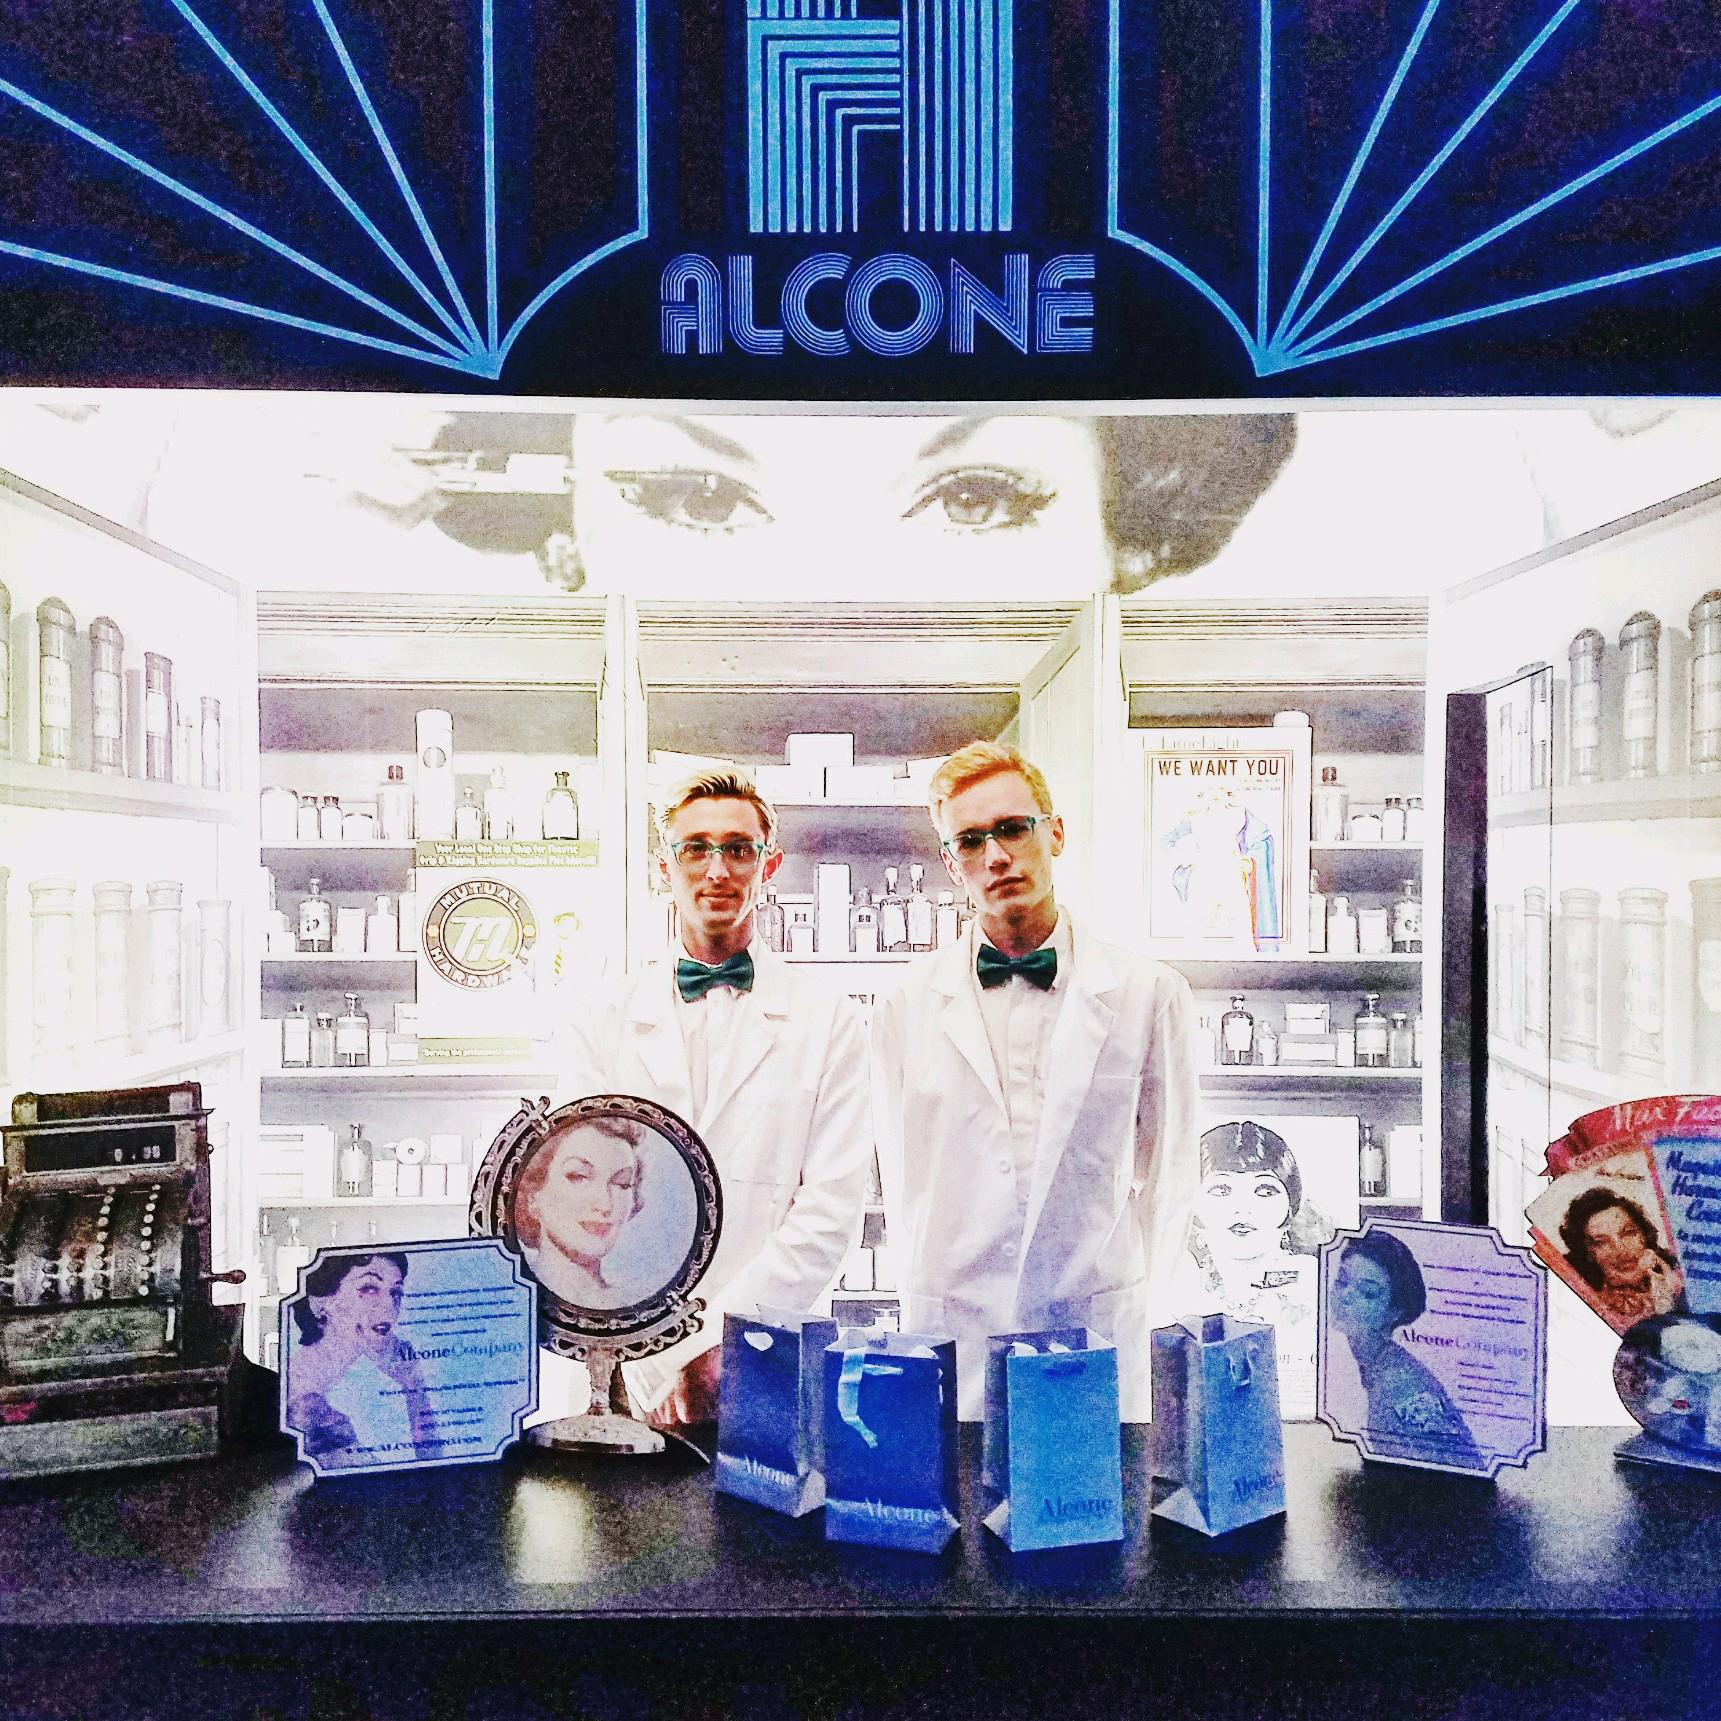 Alcone Pharmacy Vignette Photo Matt Scheier .jpg